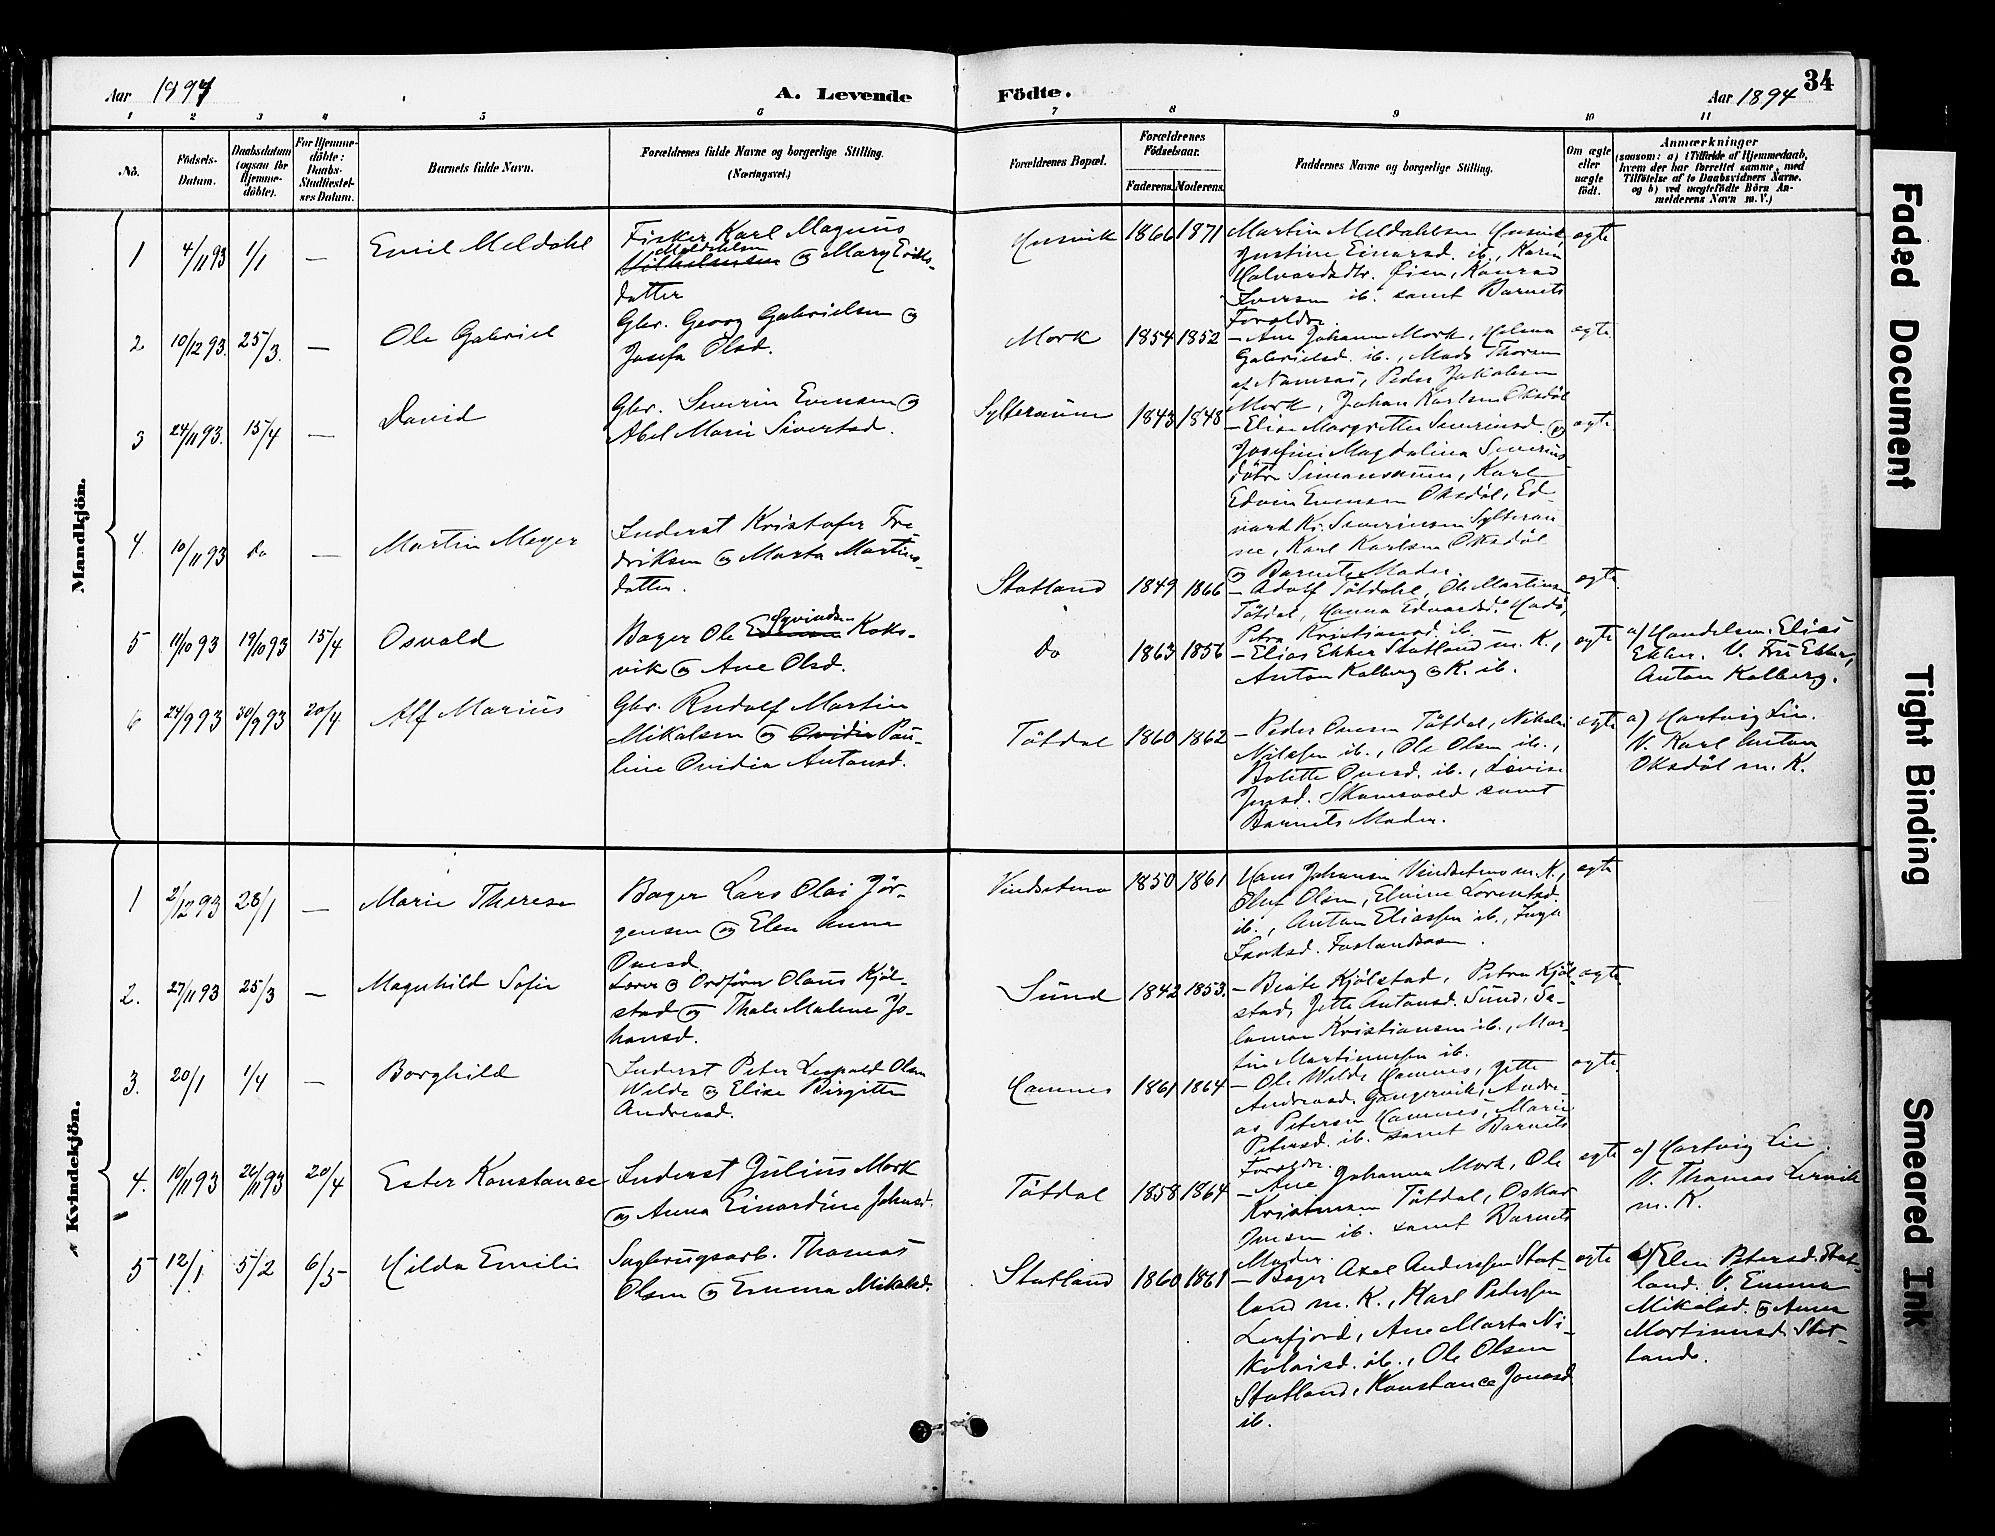 SAT, Ministerialprotokoller, klokkerbøker og fødselsregistre - Nord-Trøndelag, 774/L0628: Ministerialbok nr. 774A02, 1887-1903, s. 34